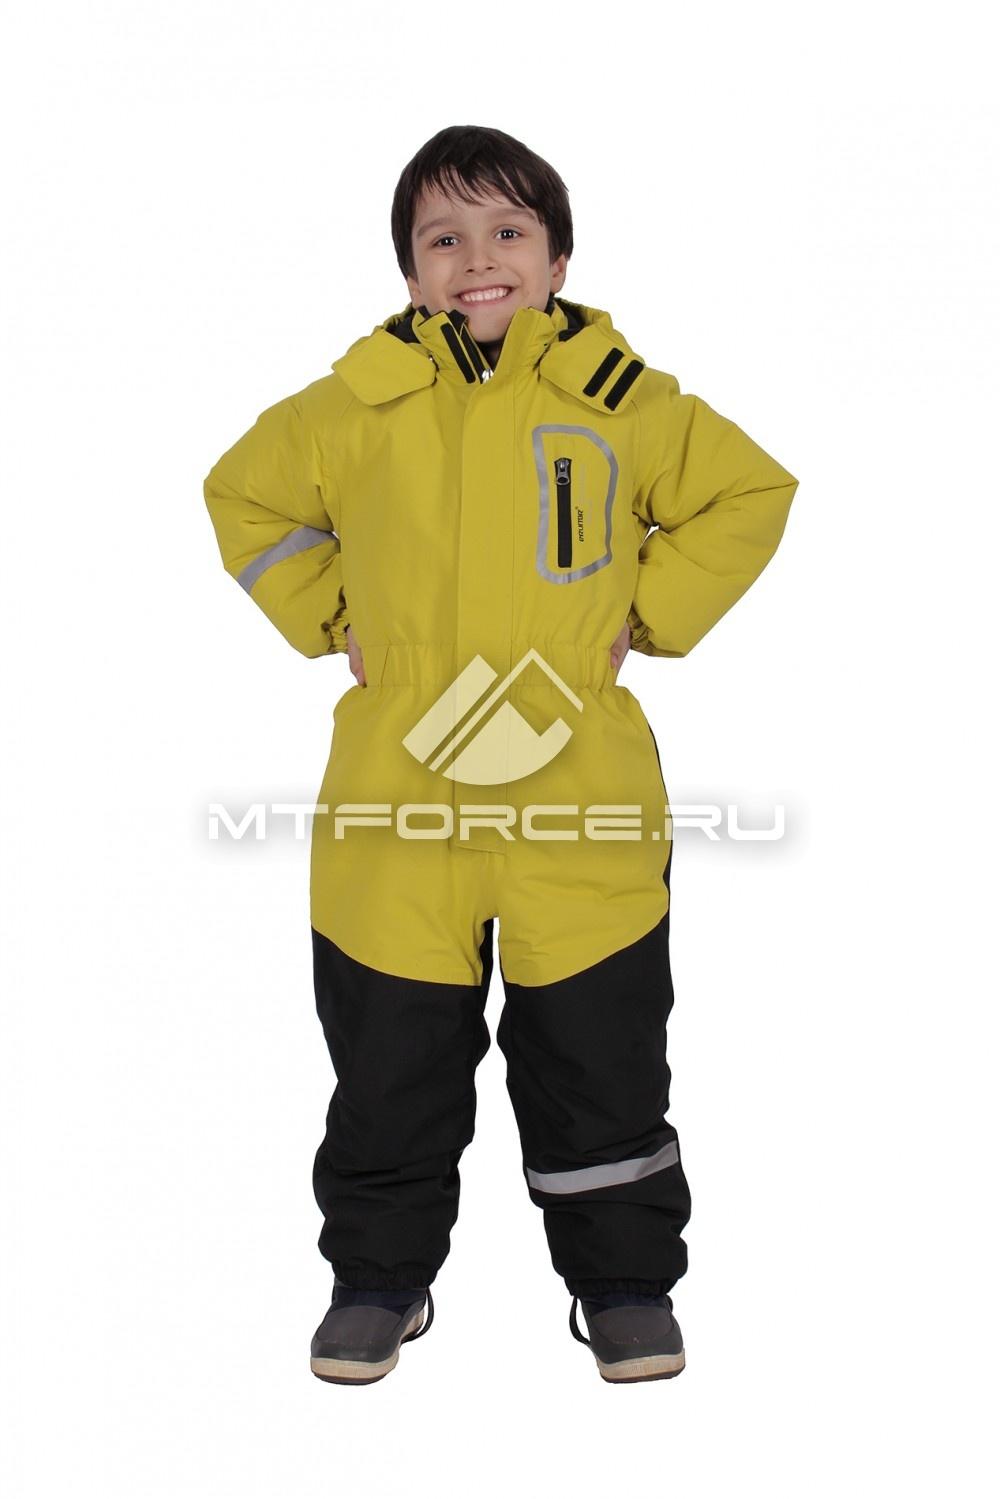 Купить                                  оптом Комбинезон горнолыжный  для мальчика горчичного цвета 1998G в Новосибирске